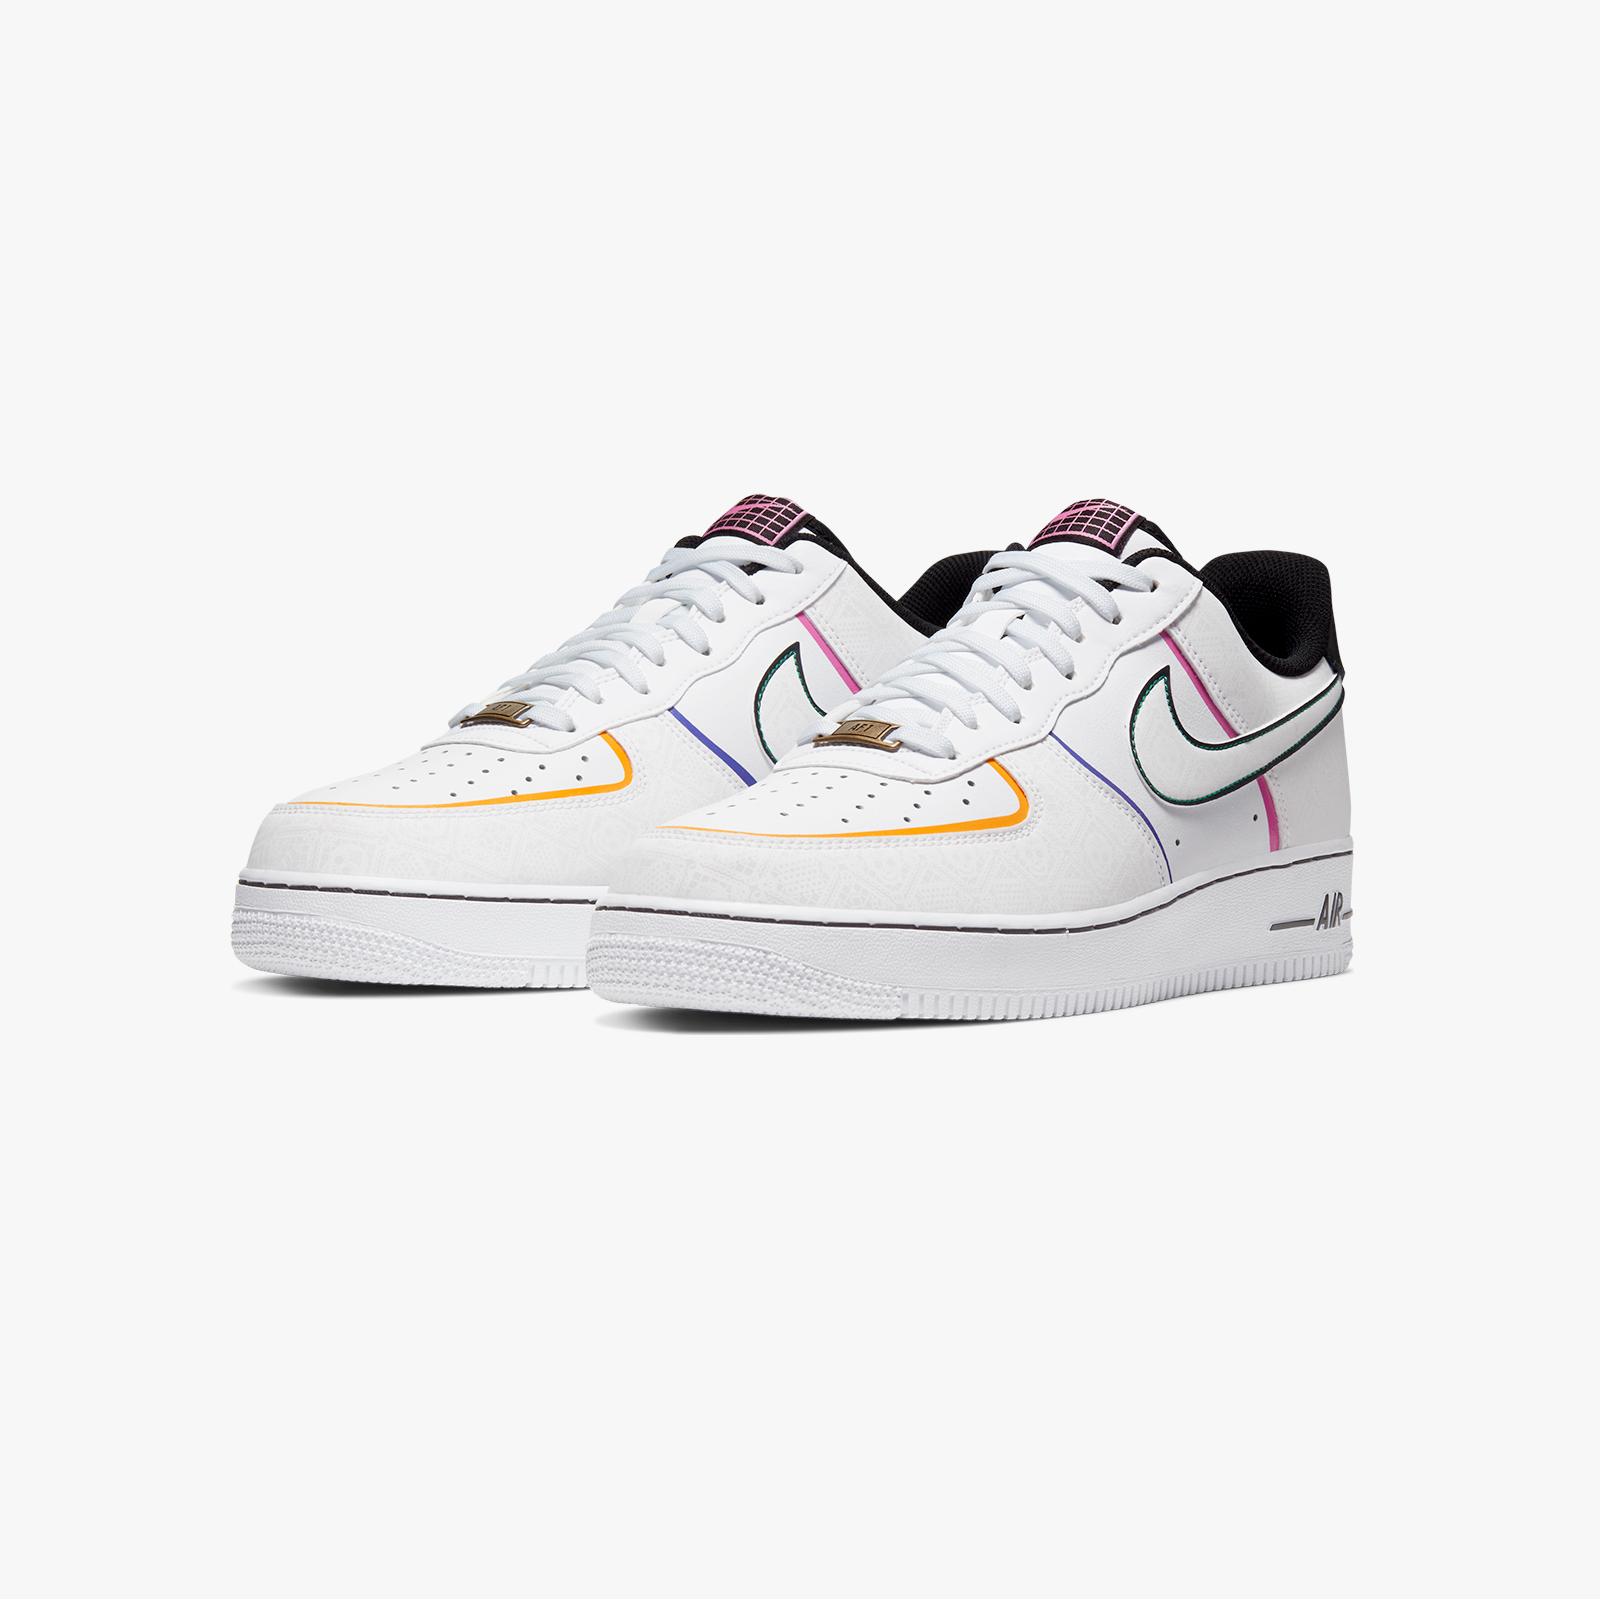 Nike Air Force 1 07 Premium - Ct1138